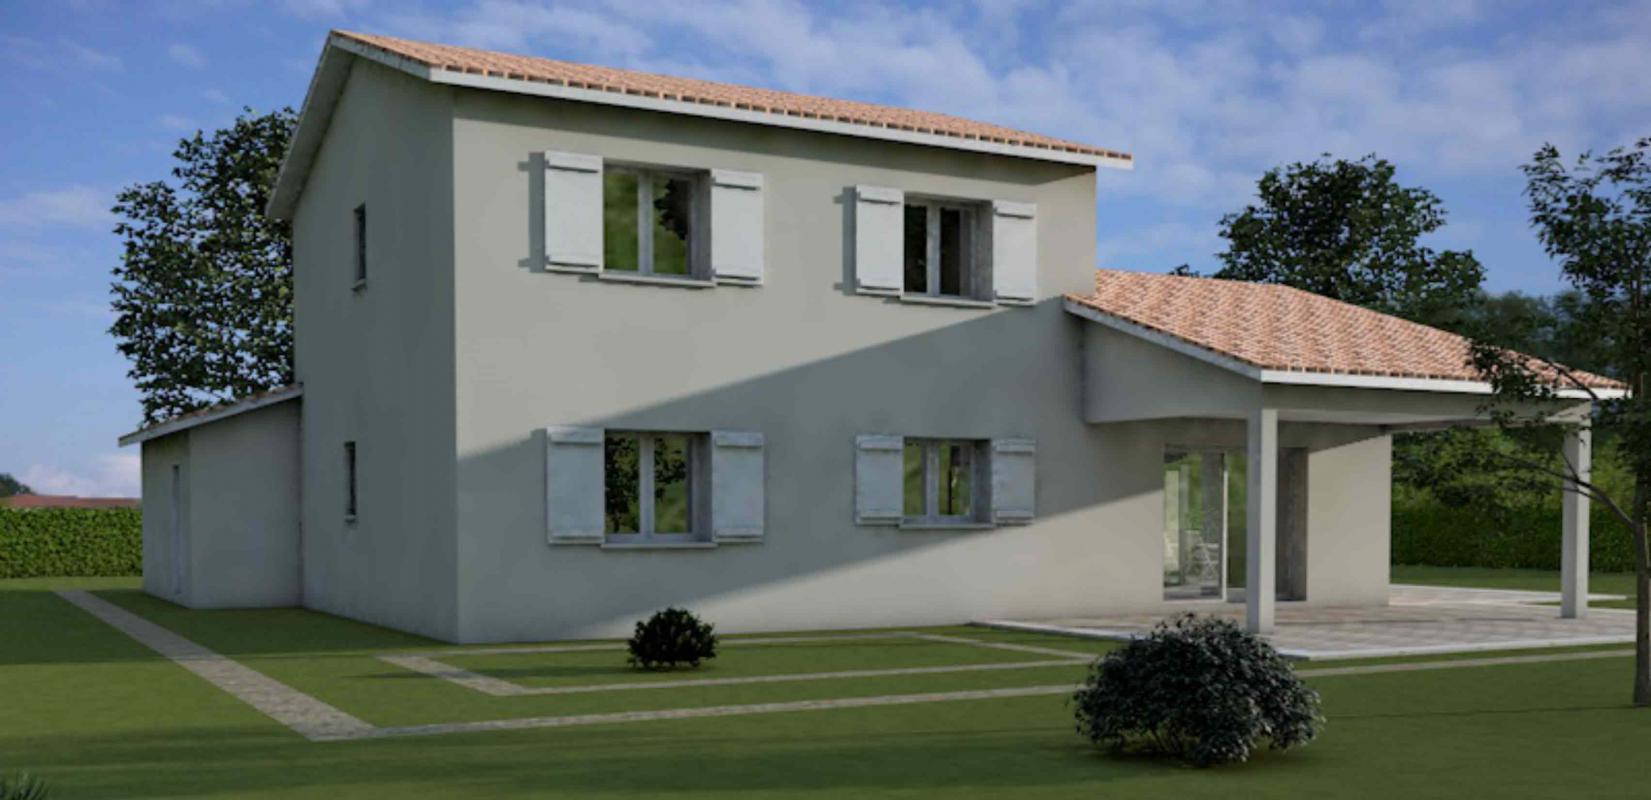 Maisons + Terrains du constructeur MAISONS ARLOGIS MACON • 125 m² • MARBOZ